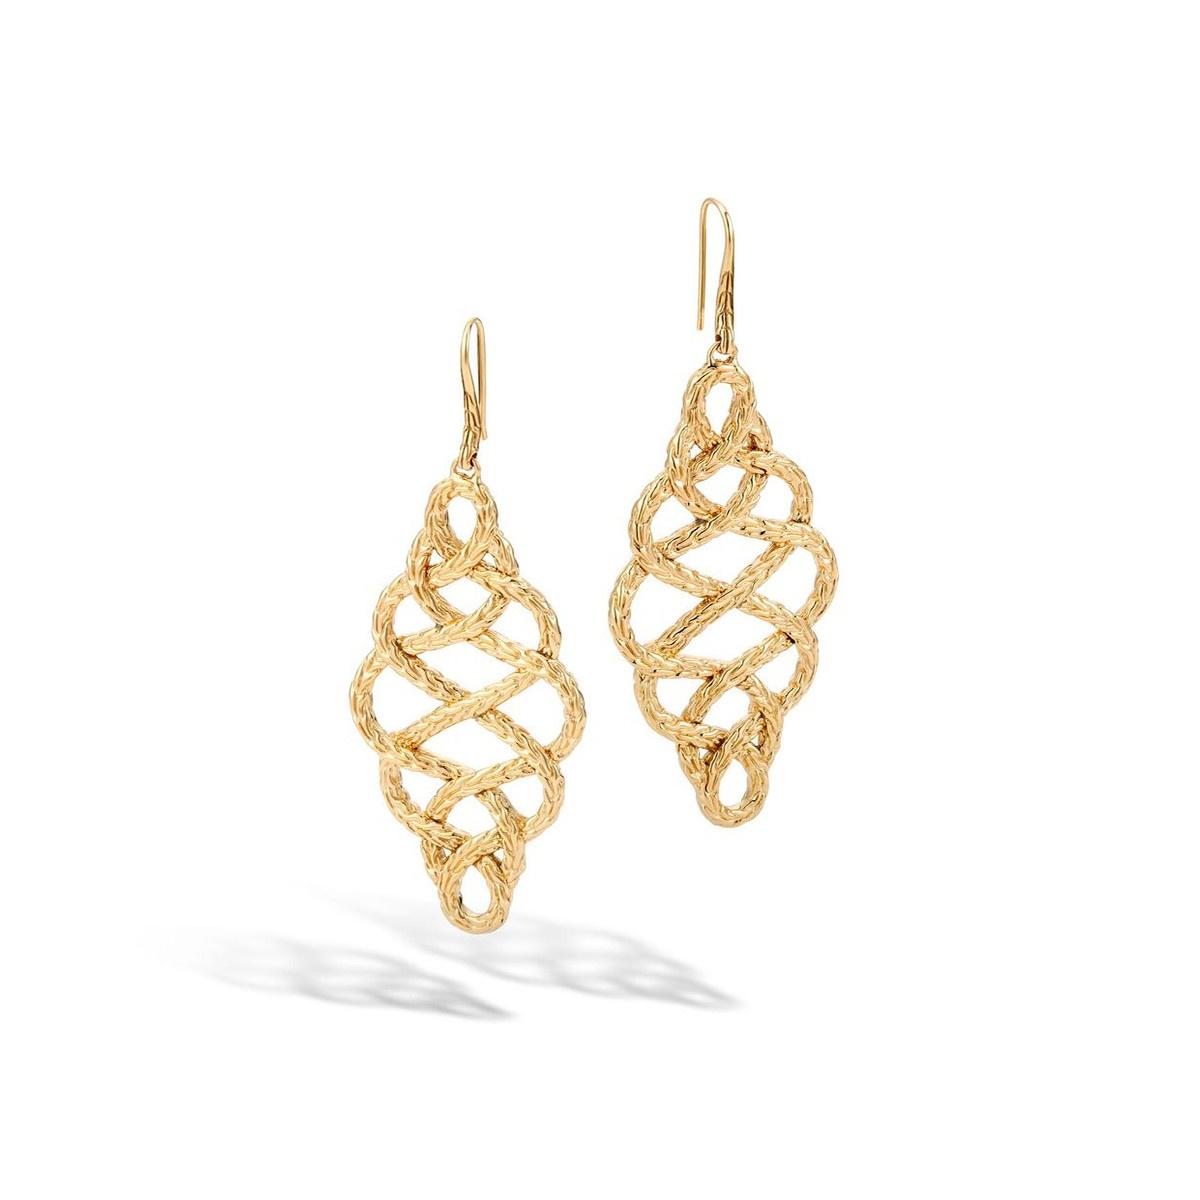 John Hardy 18K Yellow Gold Classic Chain Earrings